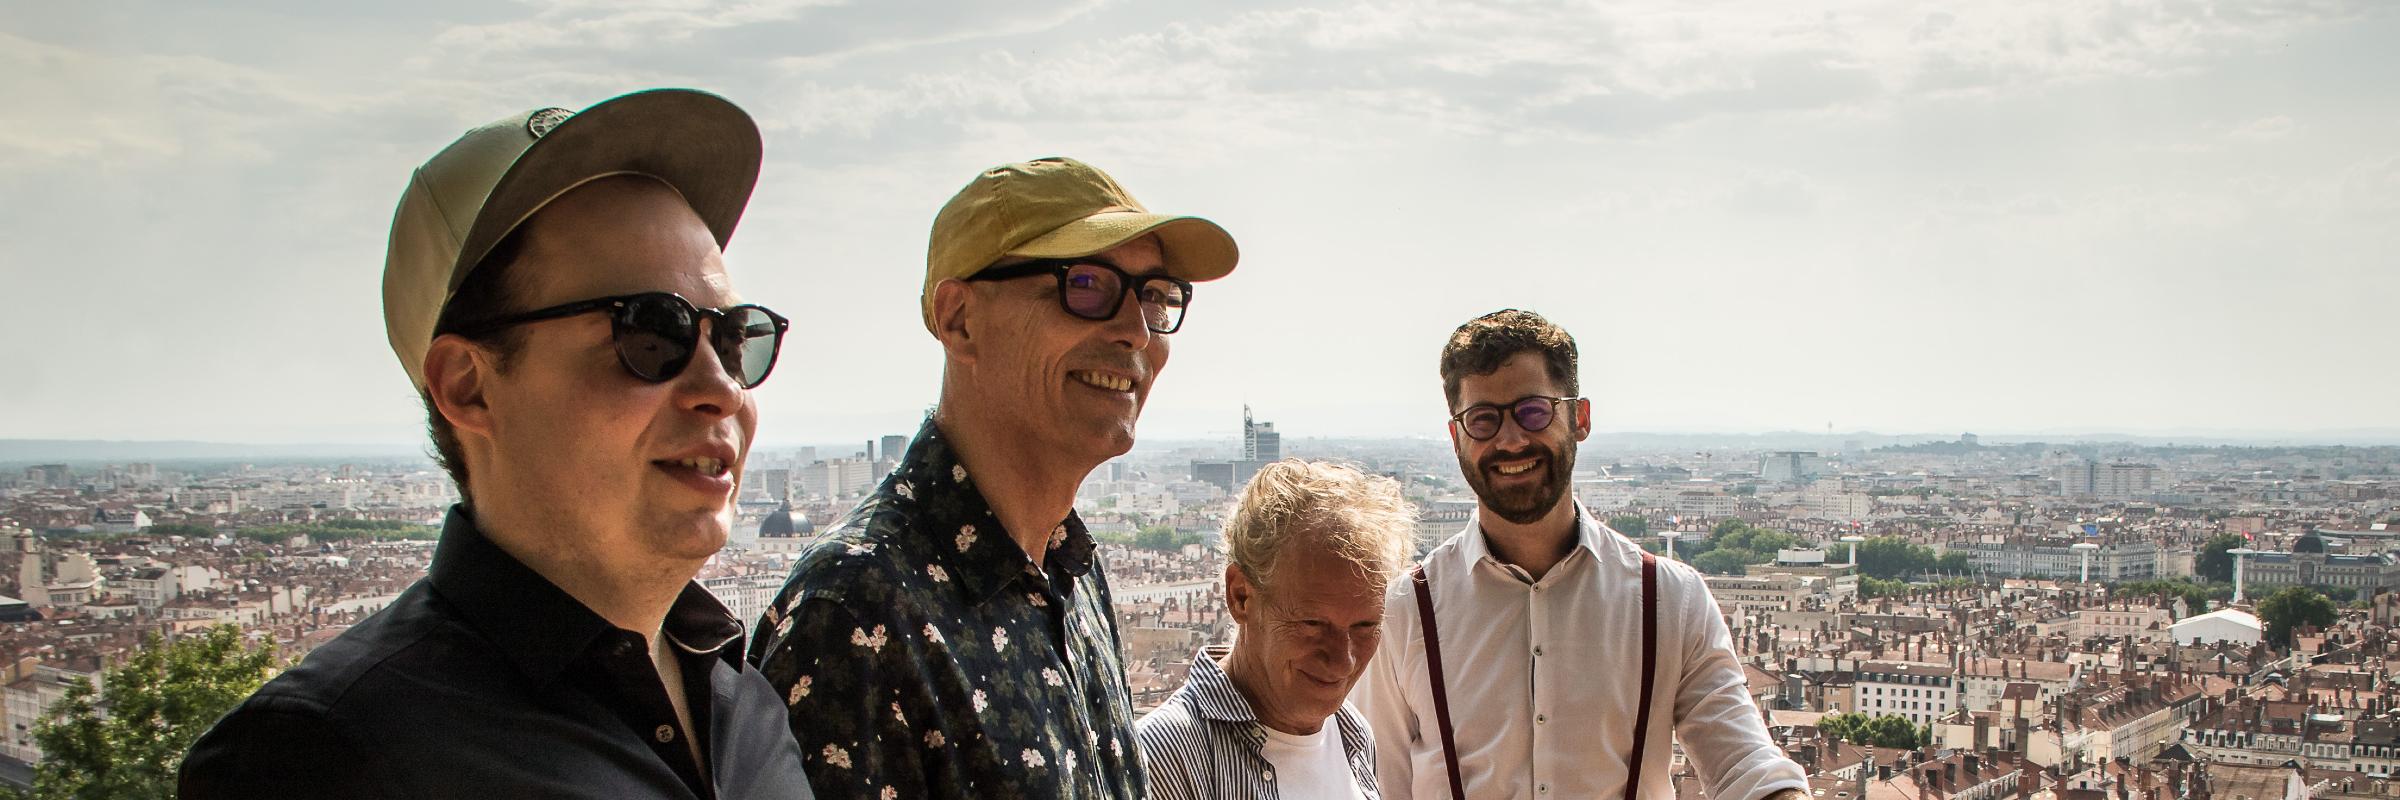 Duckies, groupe de musique Rock en représentation à Rhône - photo de couverture n° 3